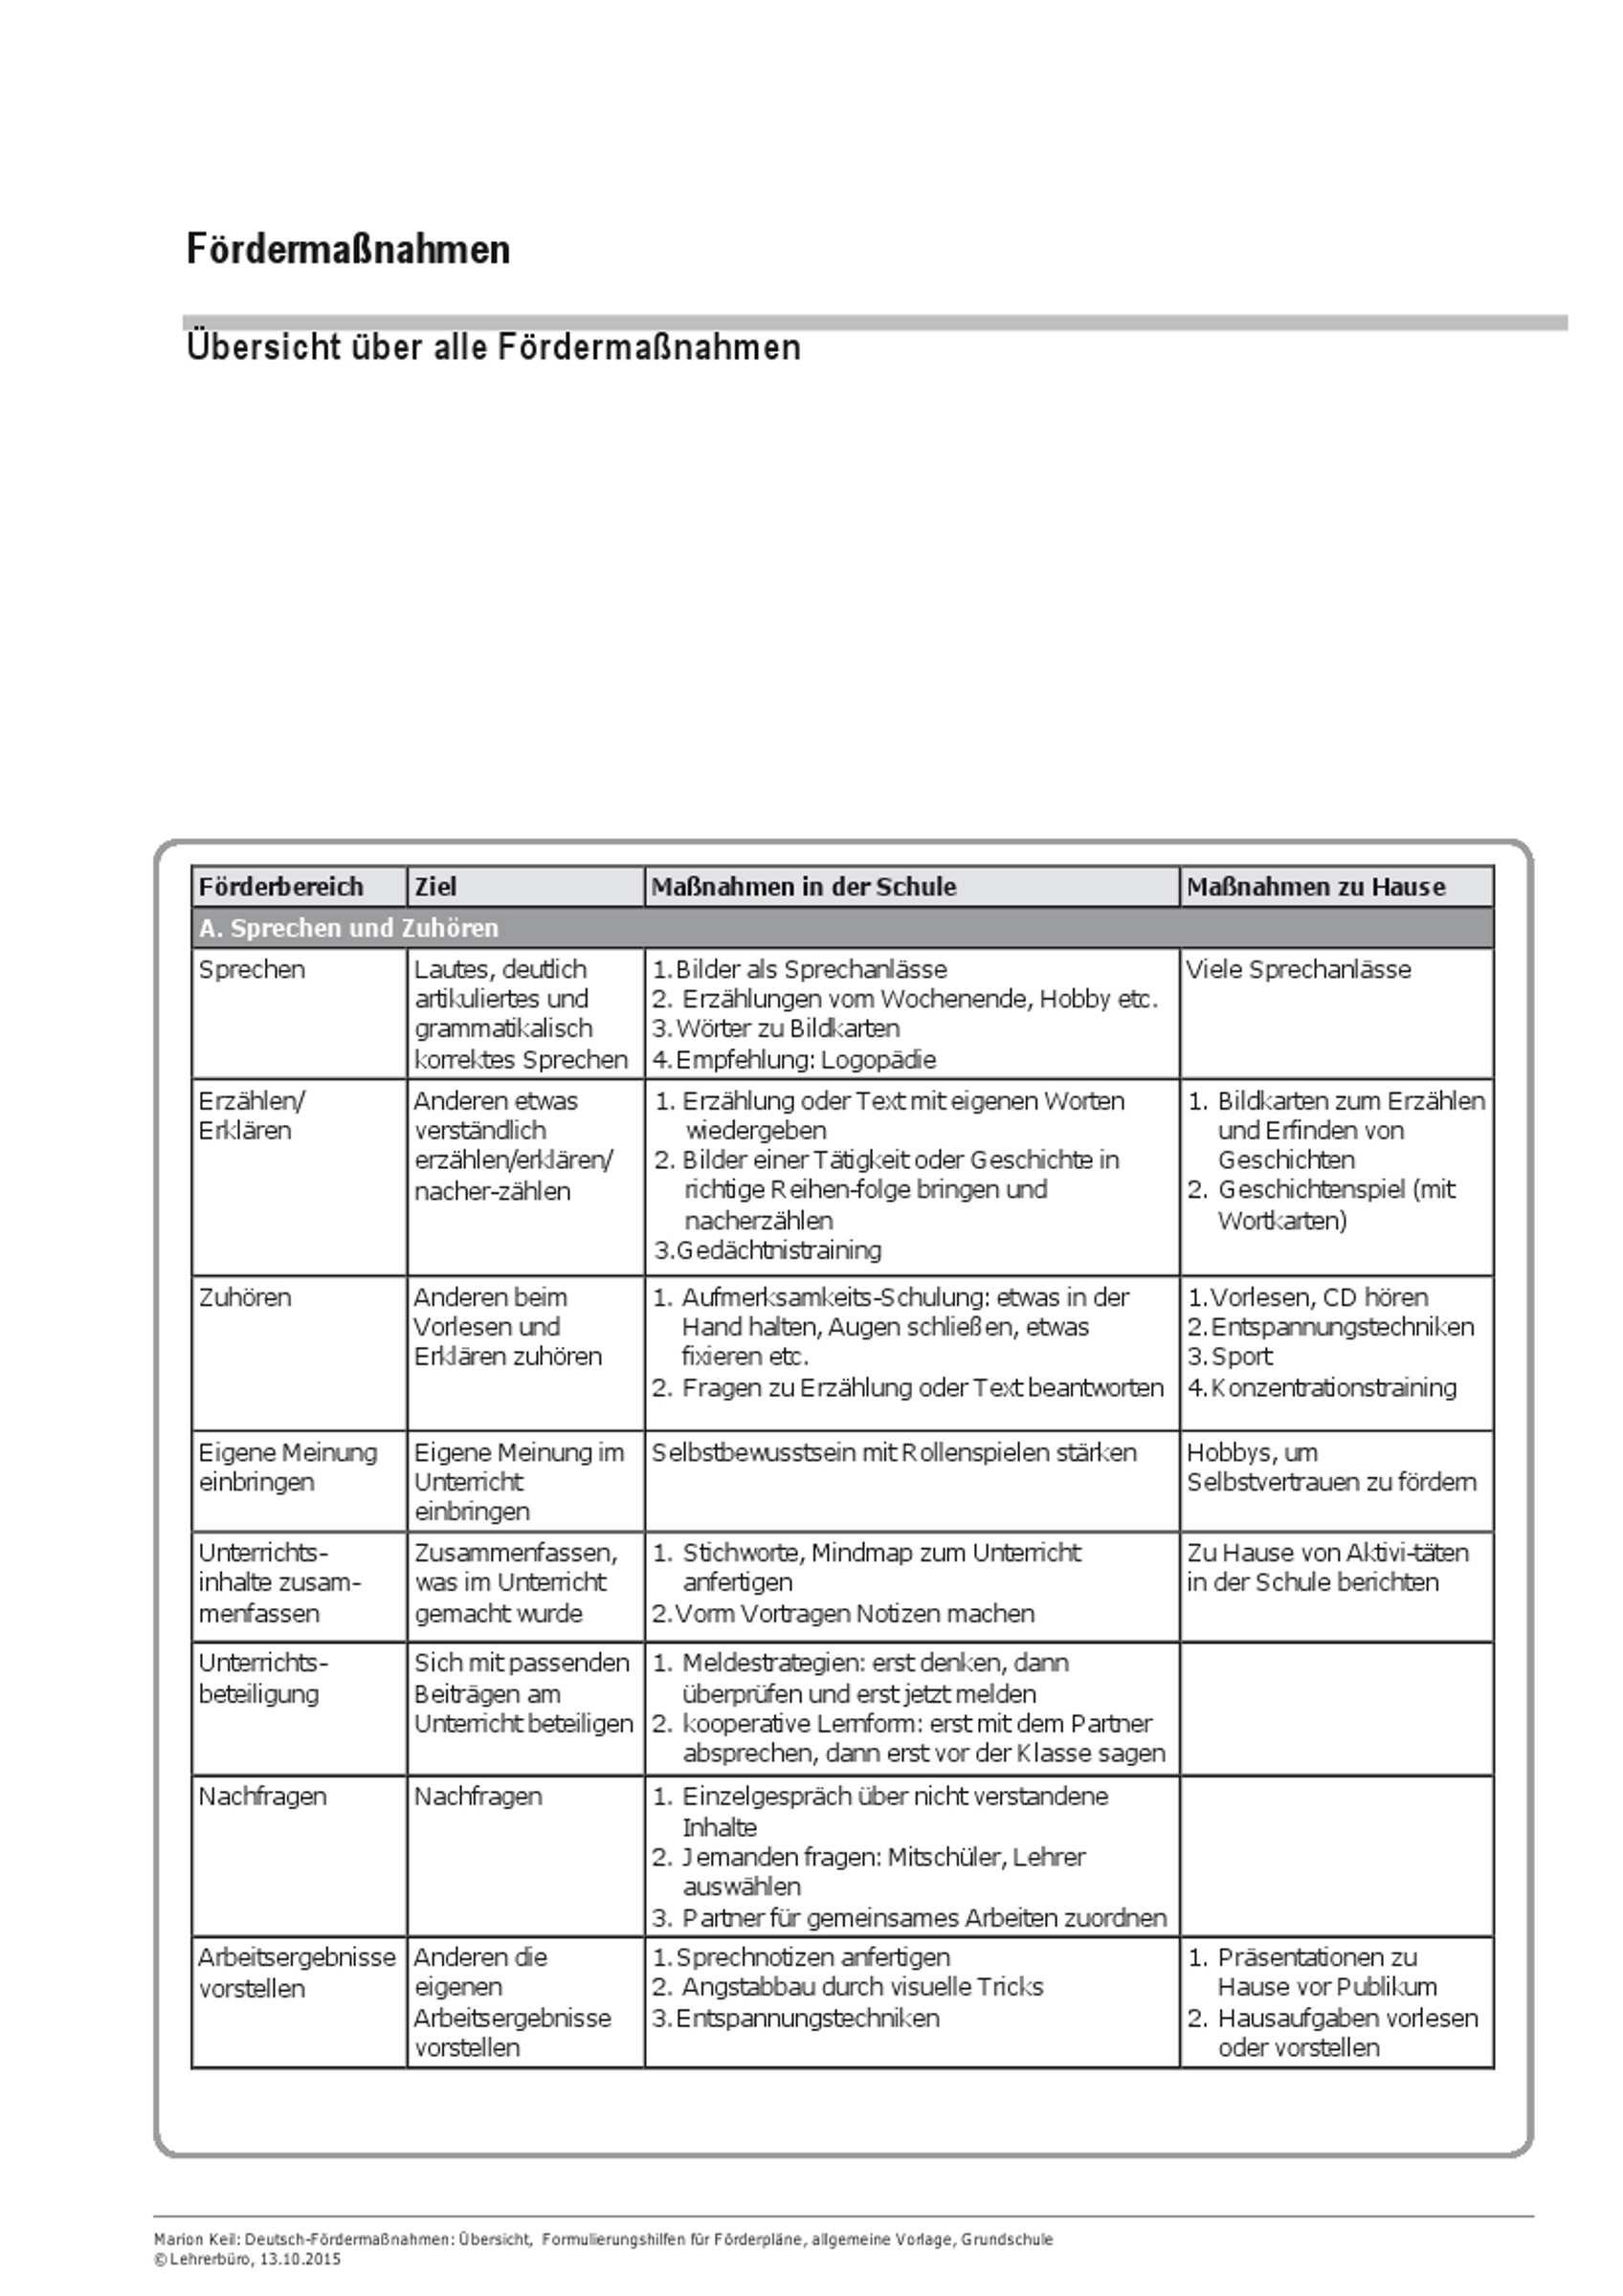 Grundschule Arbeitshilfen Diagnostik Und Forderung Lerndefizite Deutsch Fordermassnahmen Ubersicht Formulierungshilfen Fur Forderplane